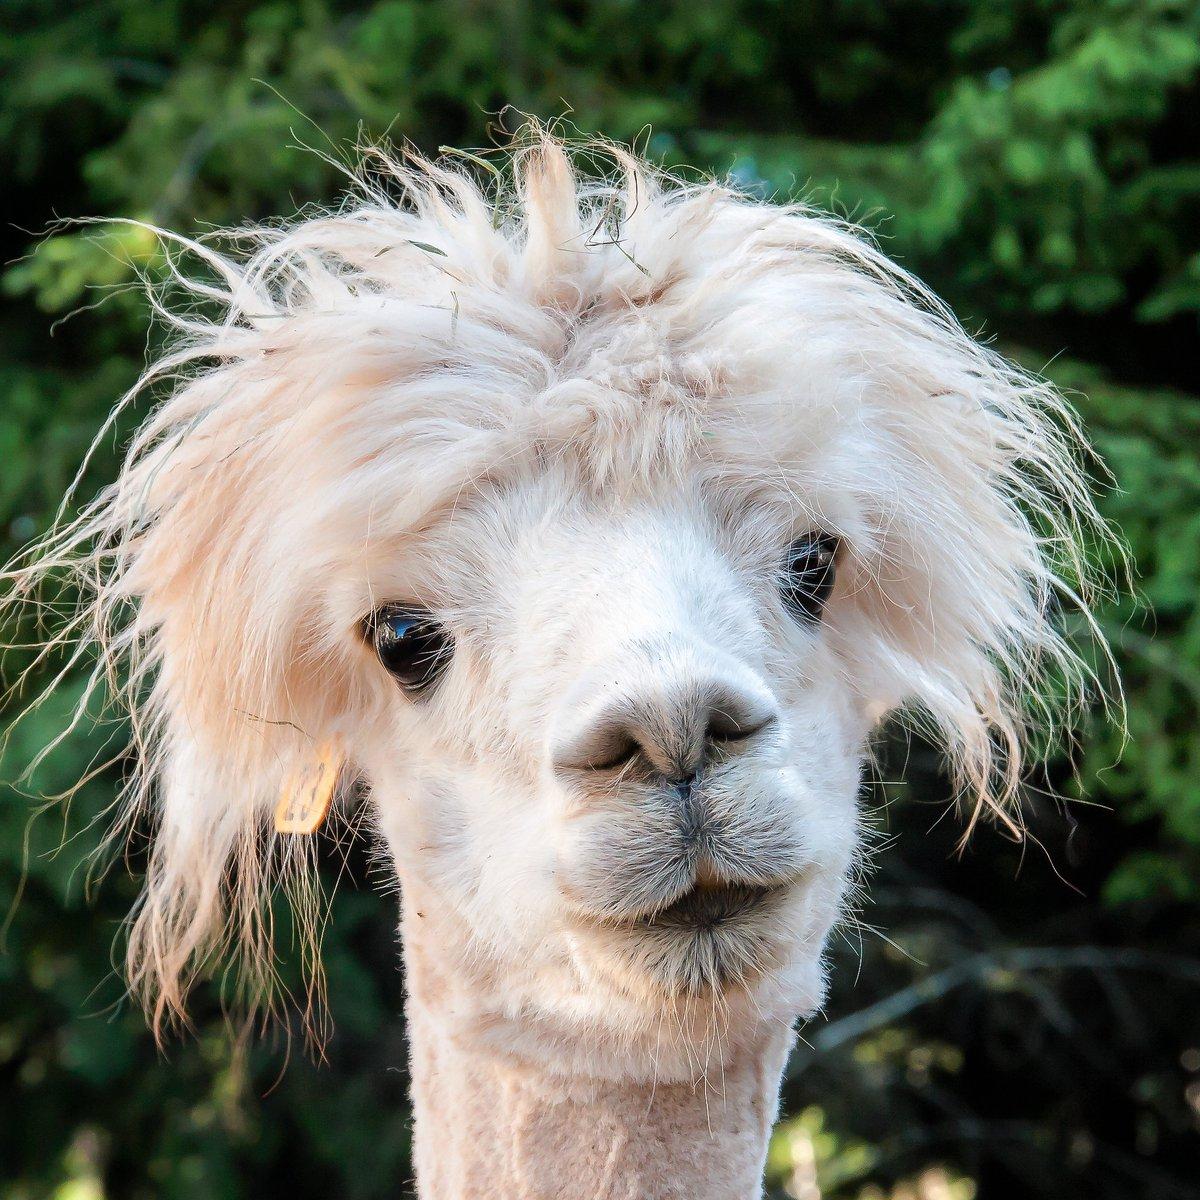 funny alpaca face